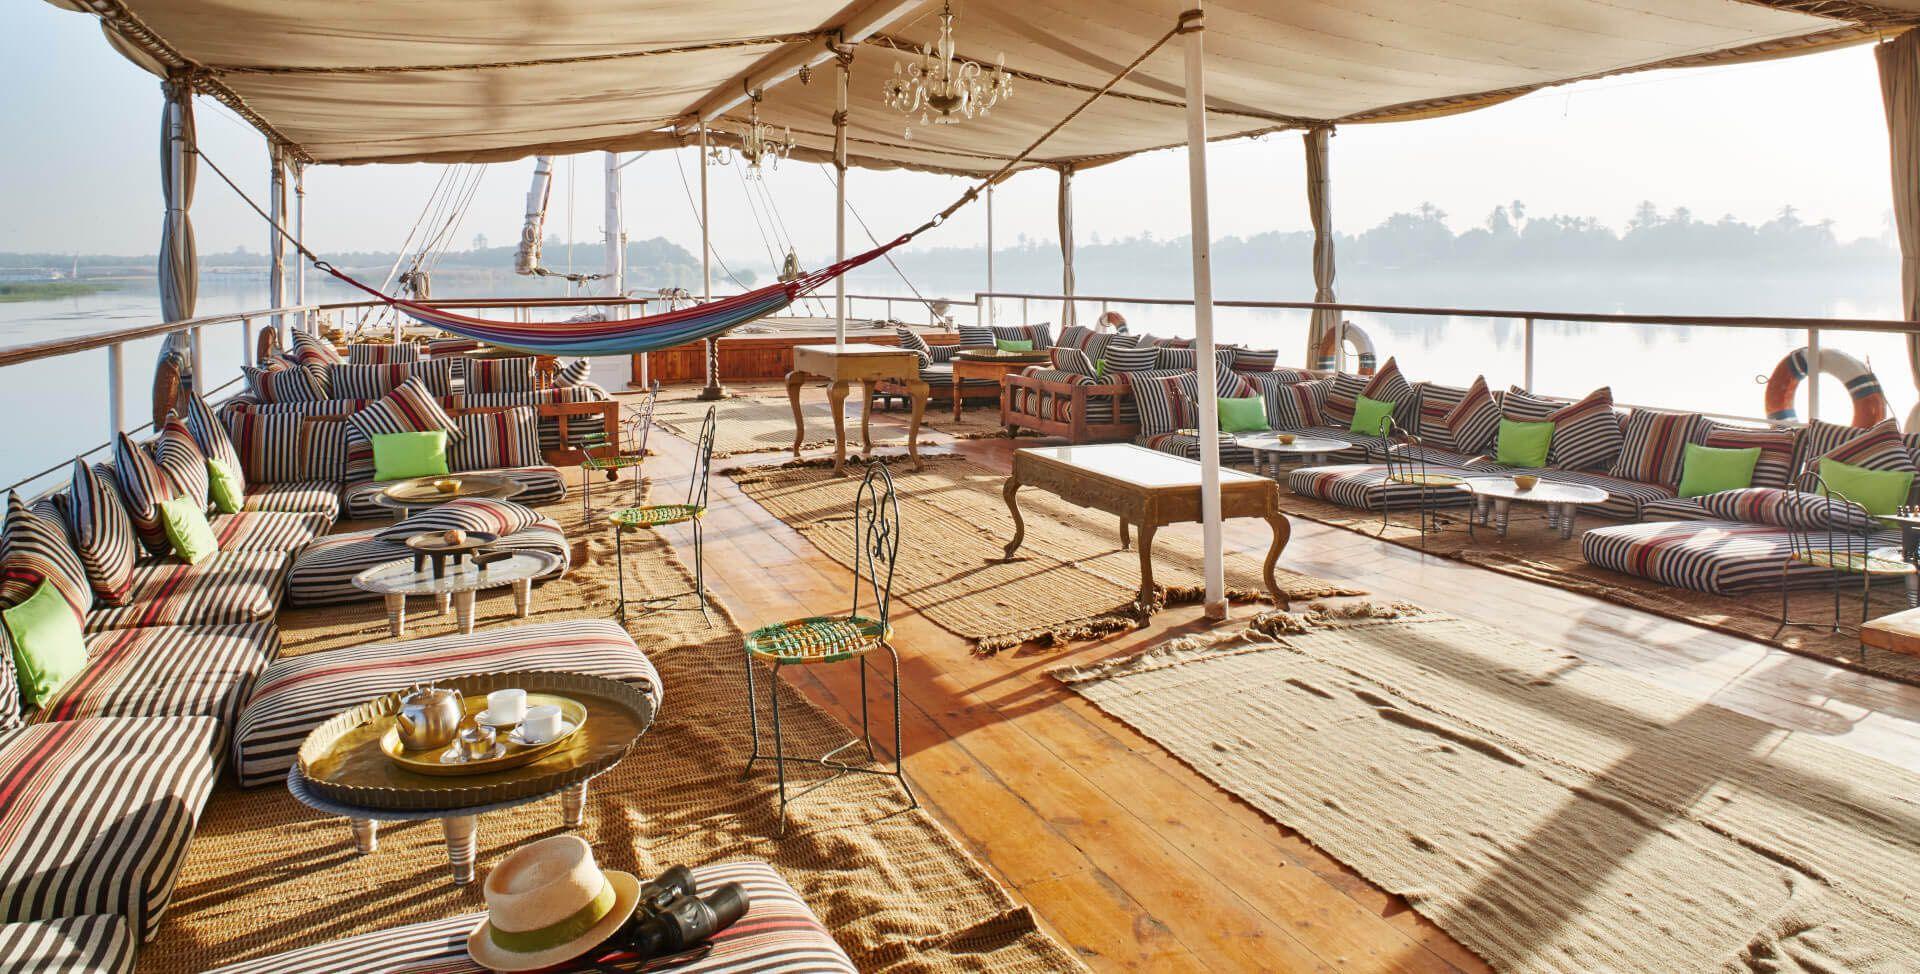 Nour El Nil   Luxury Nile Egypt Boat Tours   Nile river ...